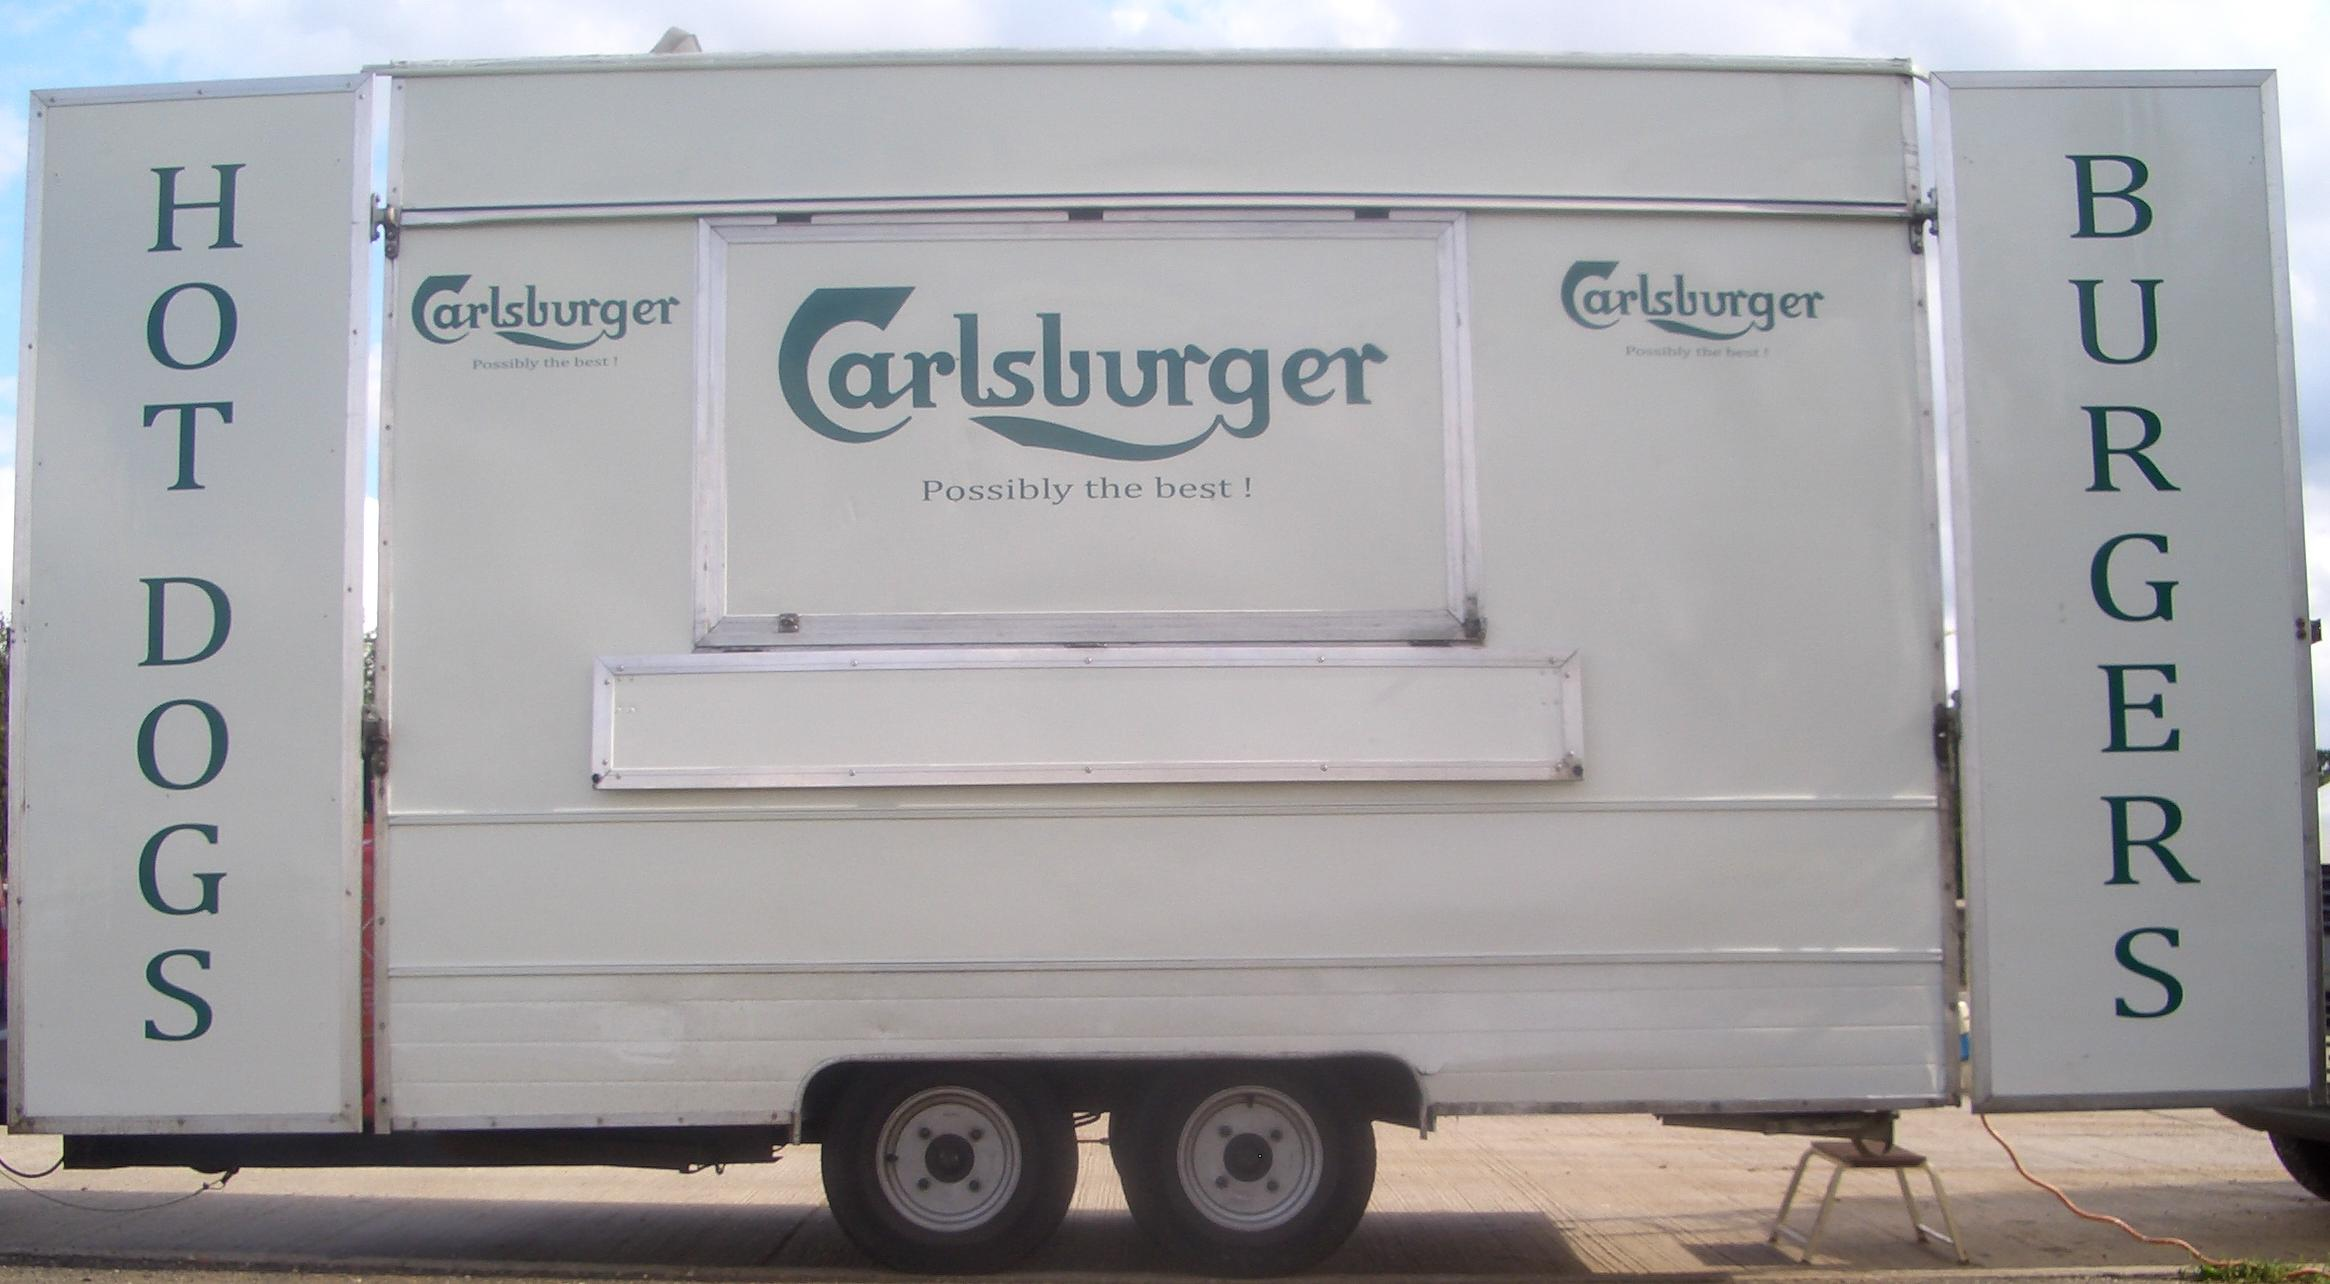 Carlsburger, Thetford